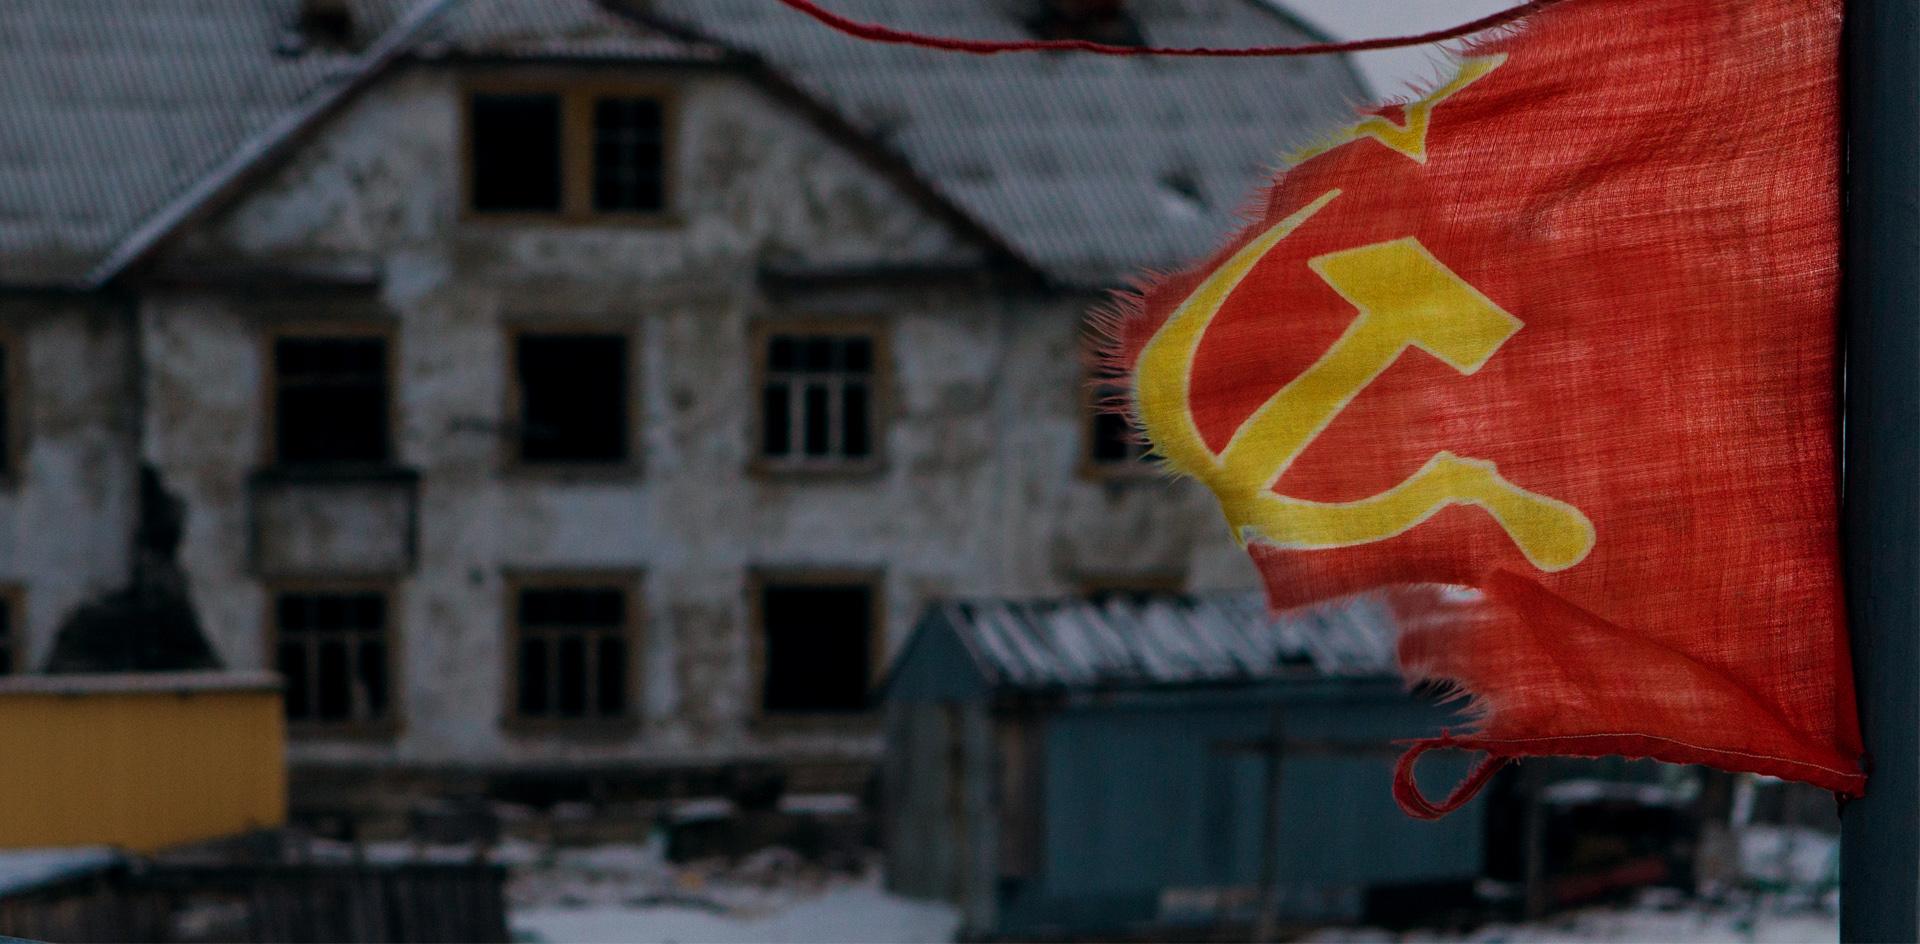 Ульяновскую область могут отдать коммунистам, но в обмен